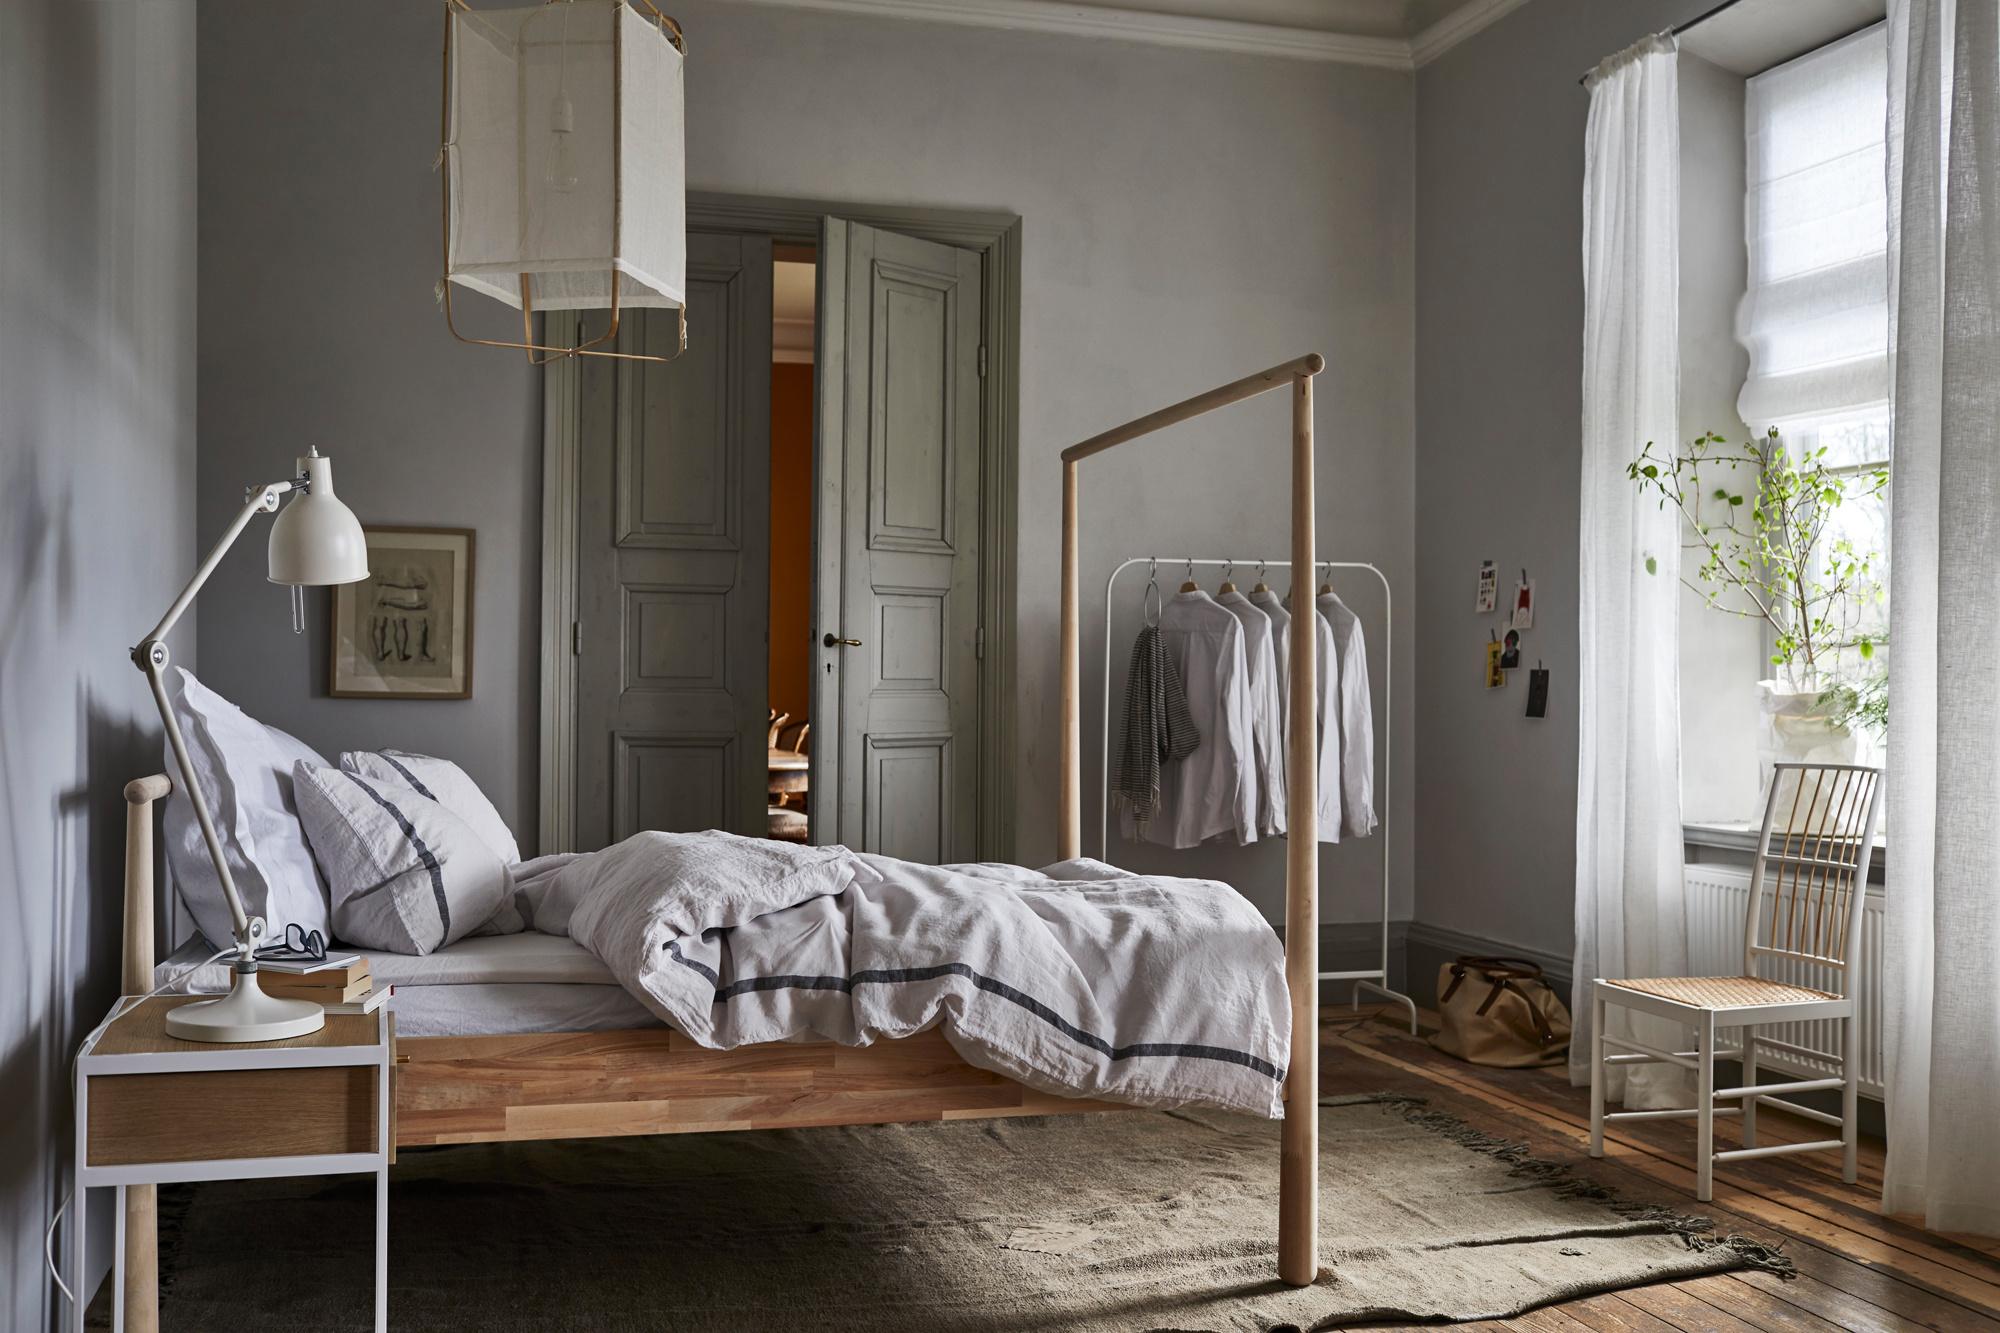 Trevlig inredning av sovrum att kolla in